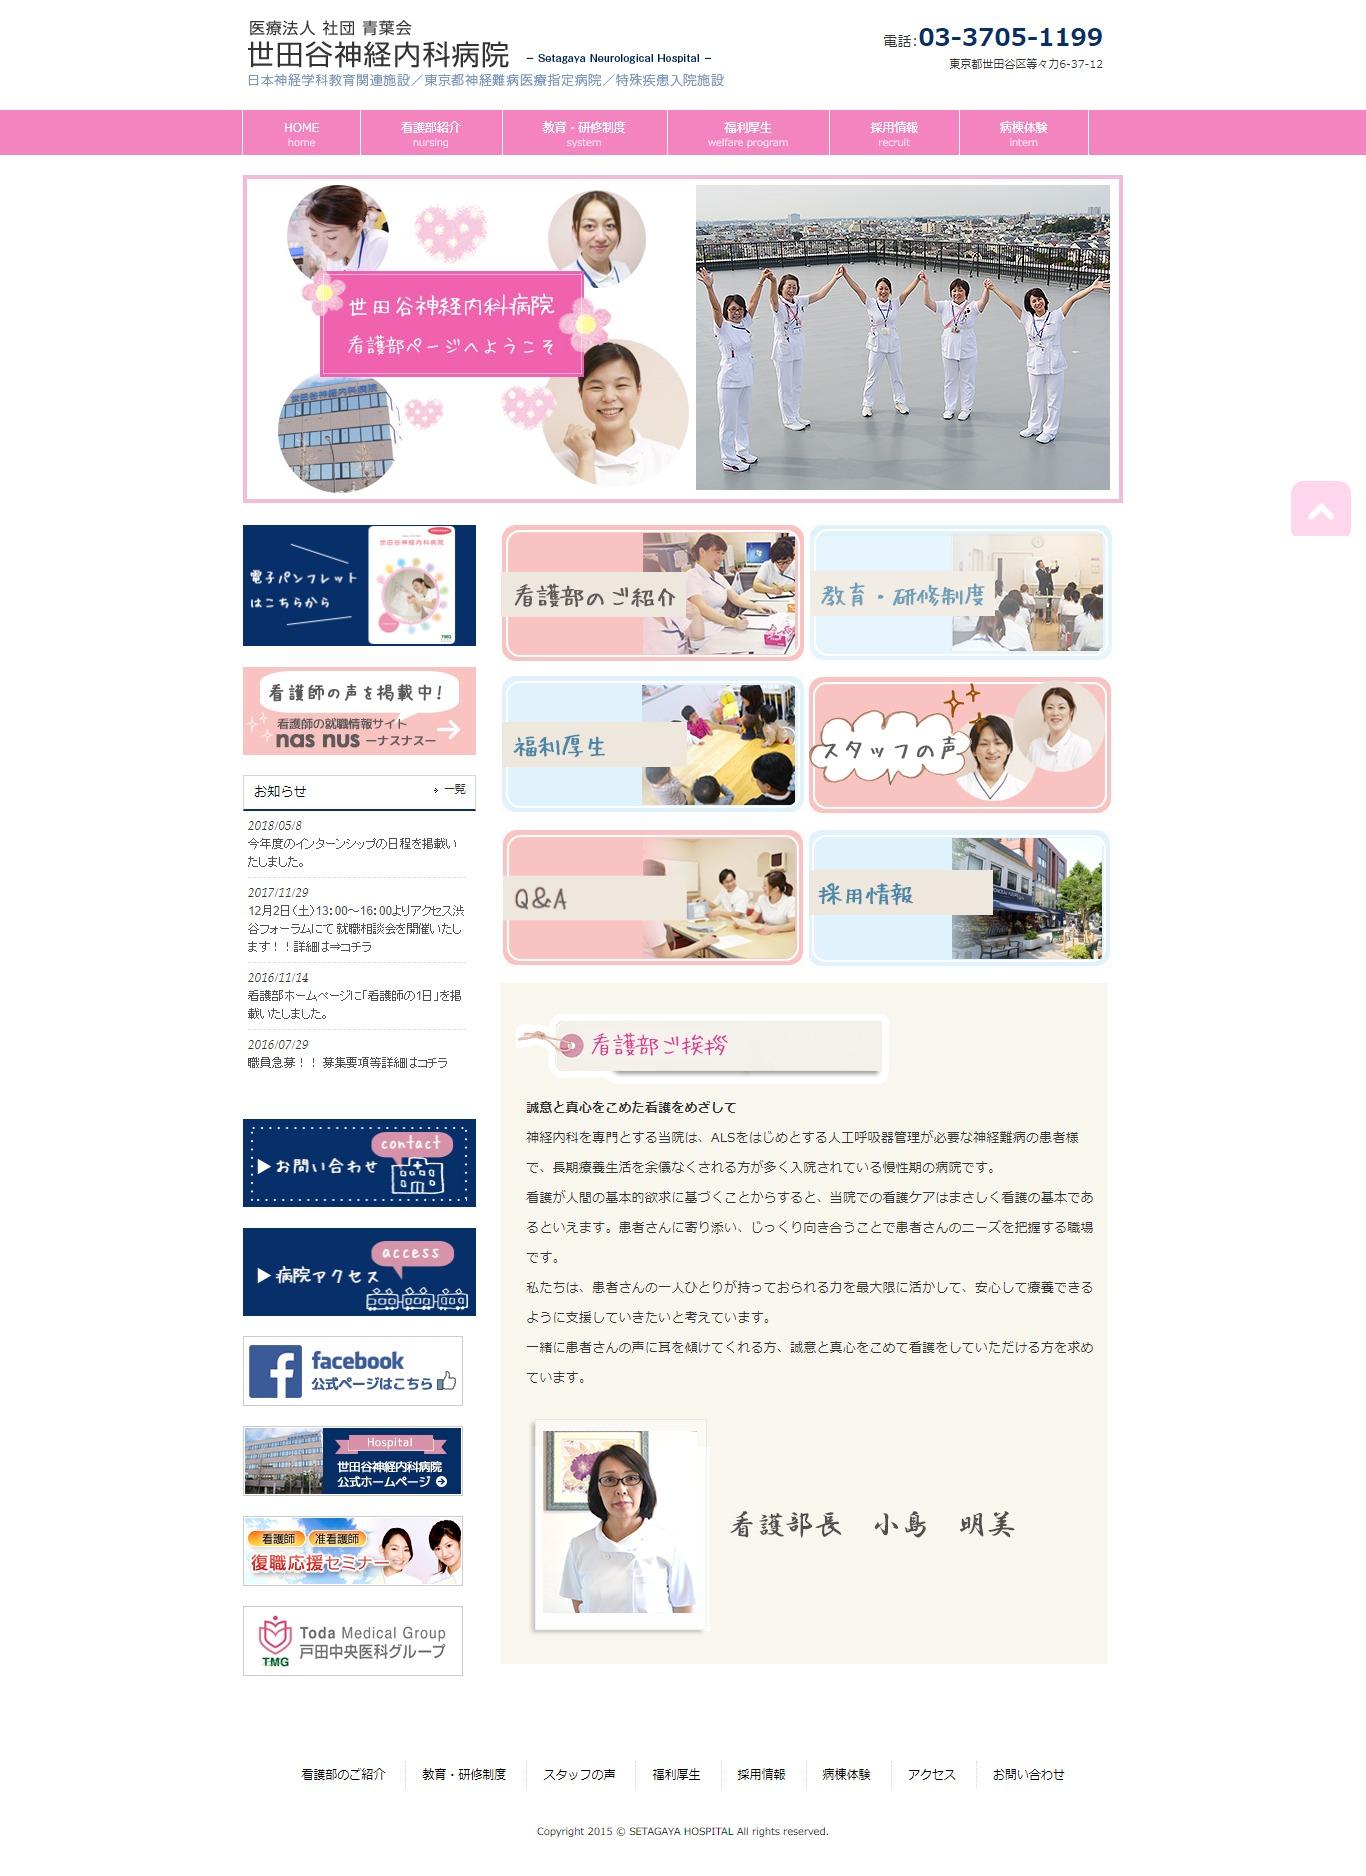 世田谷神経内科病院看護部サイト